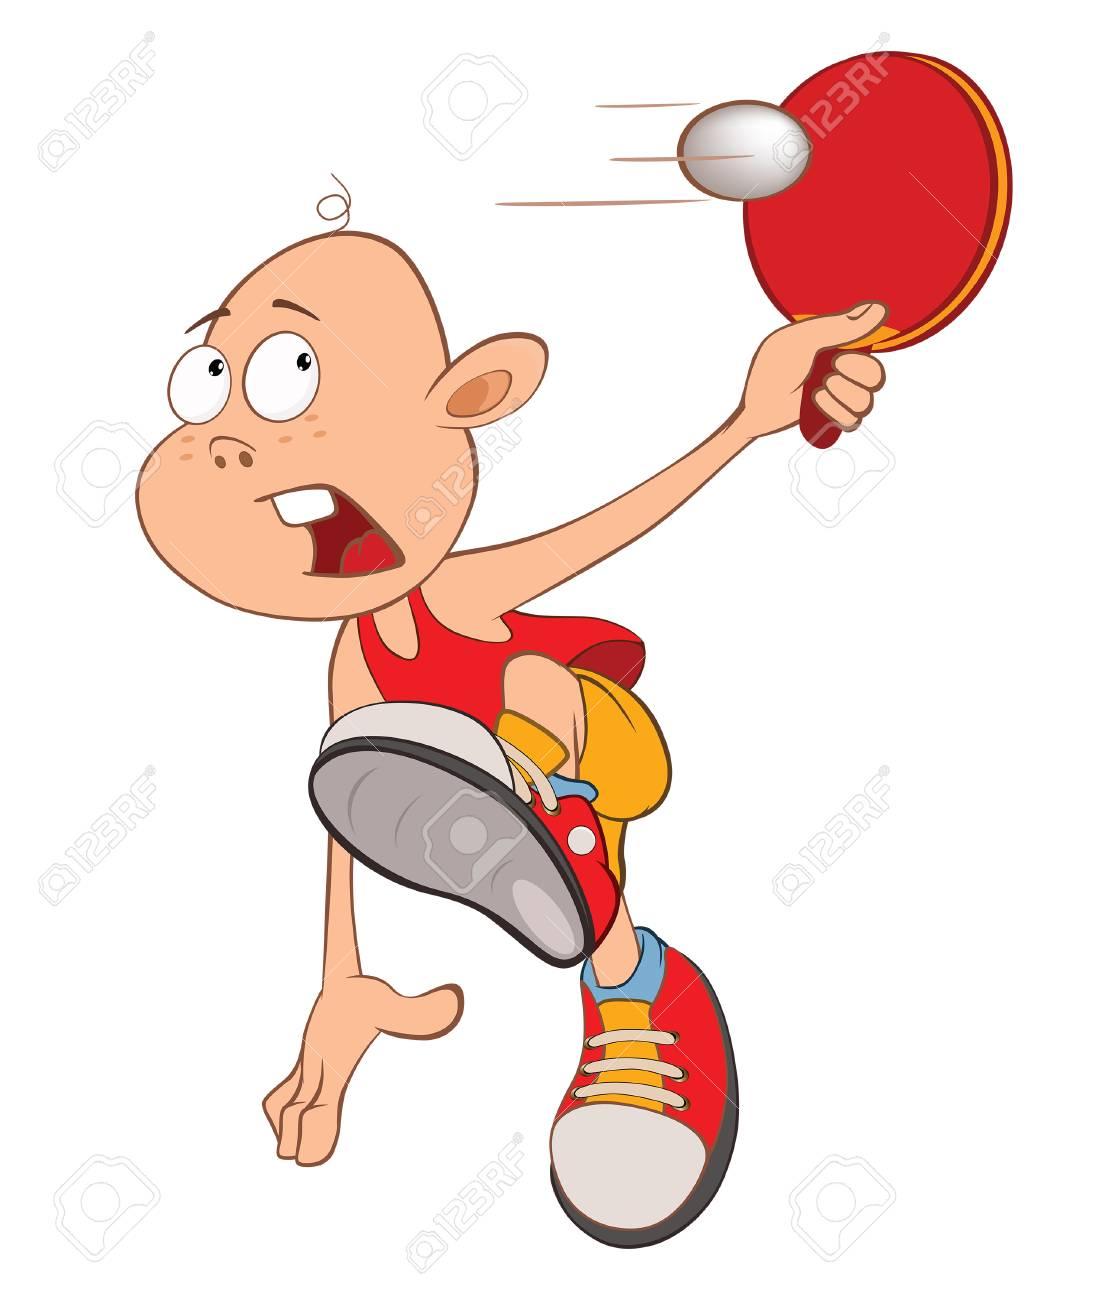 かわいい男の子のイラスト卓球選手のイラスト素材ベクタ Image